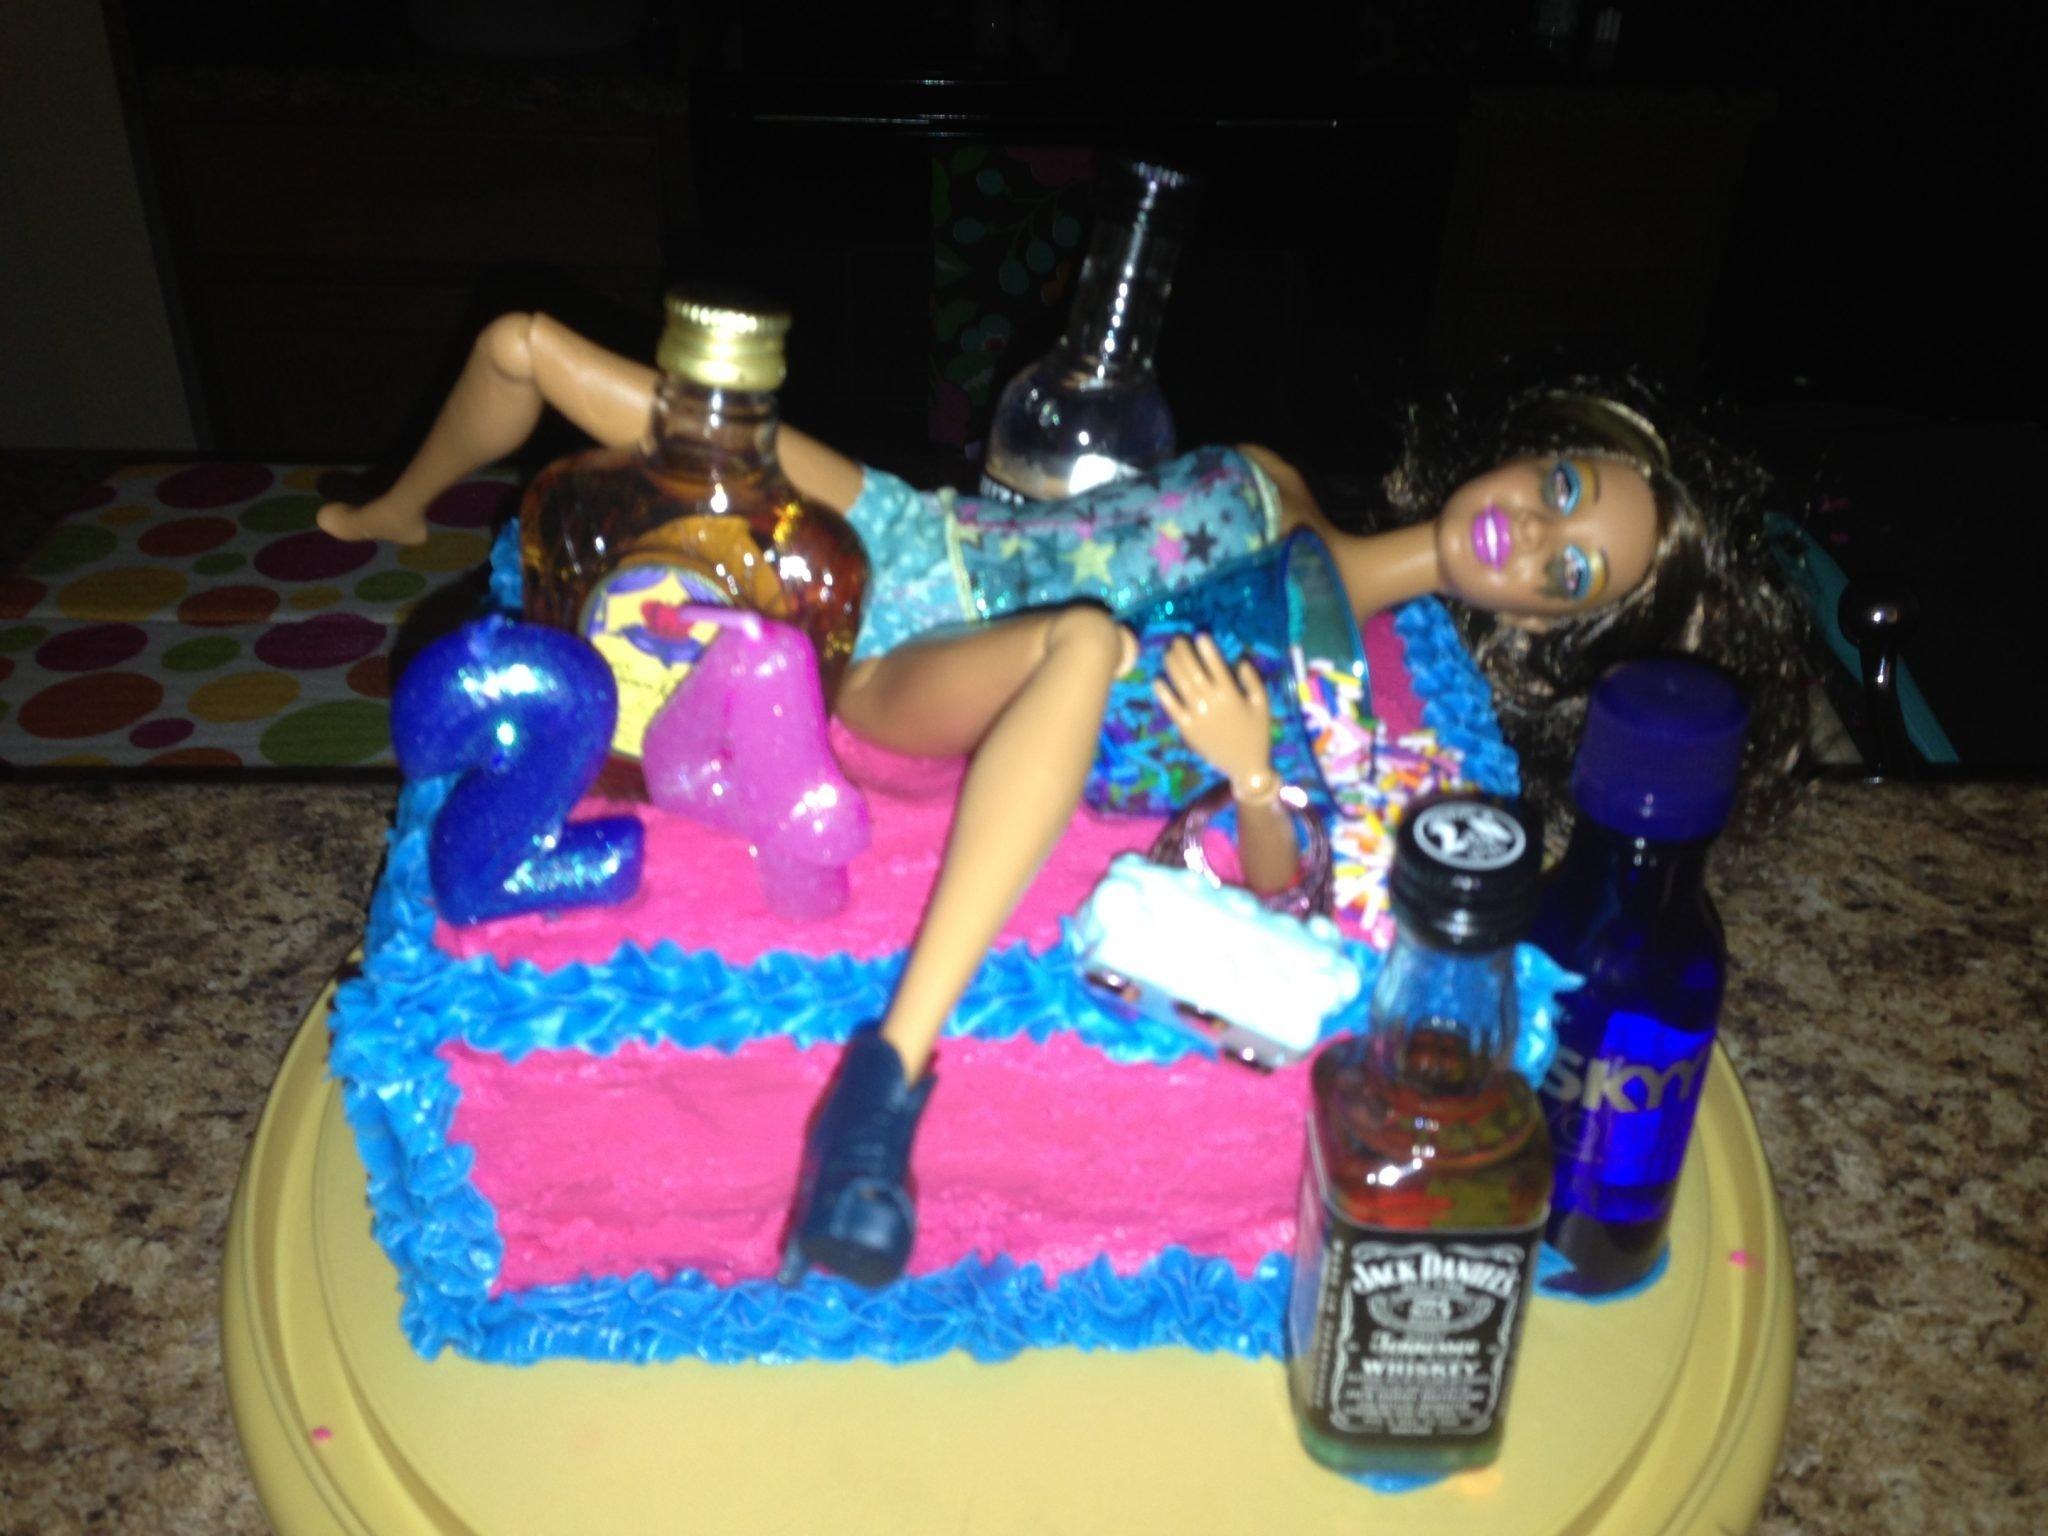 10 Cute Birthday Ideas In Los Angeles 24th birthday party ideas for her tags 24th birthday ideas party 2021